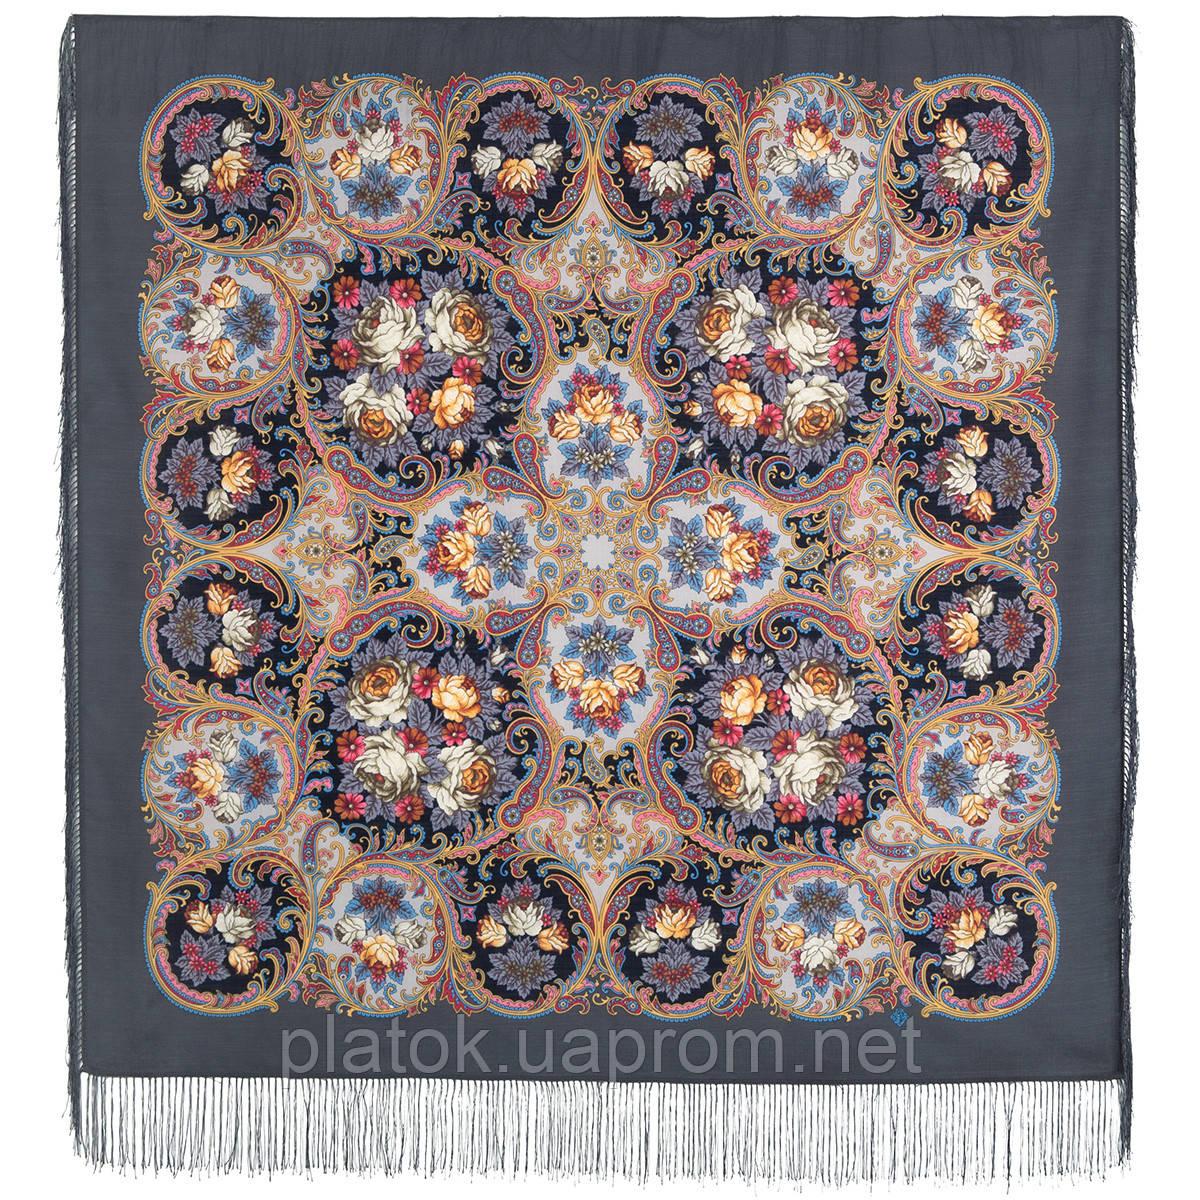 Песнь уходящего лета 1827-1, павлопосадский платок шерстяной с шелковой бахромой